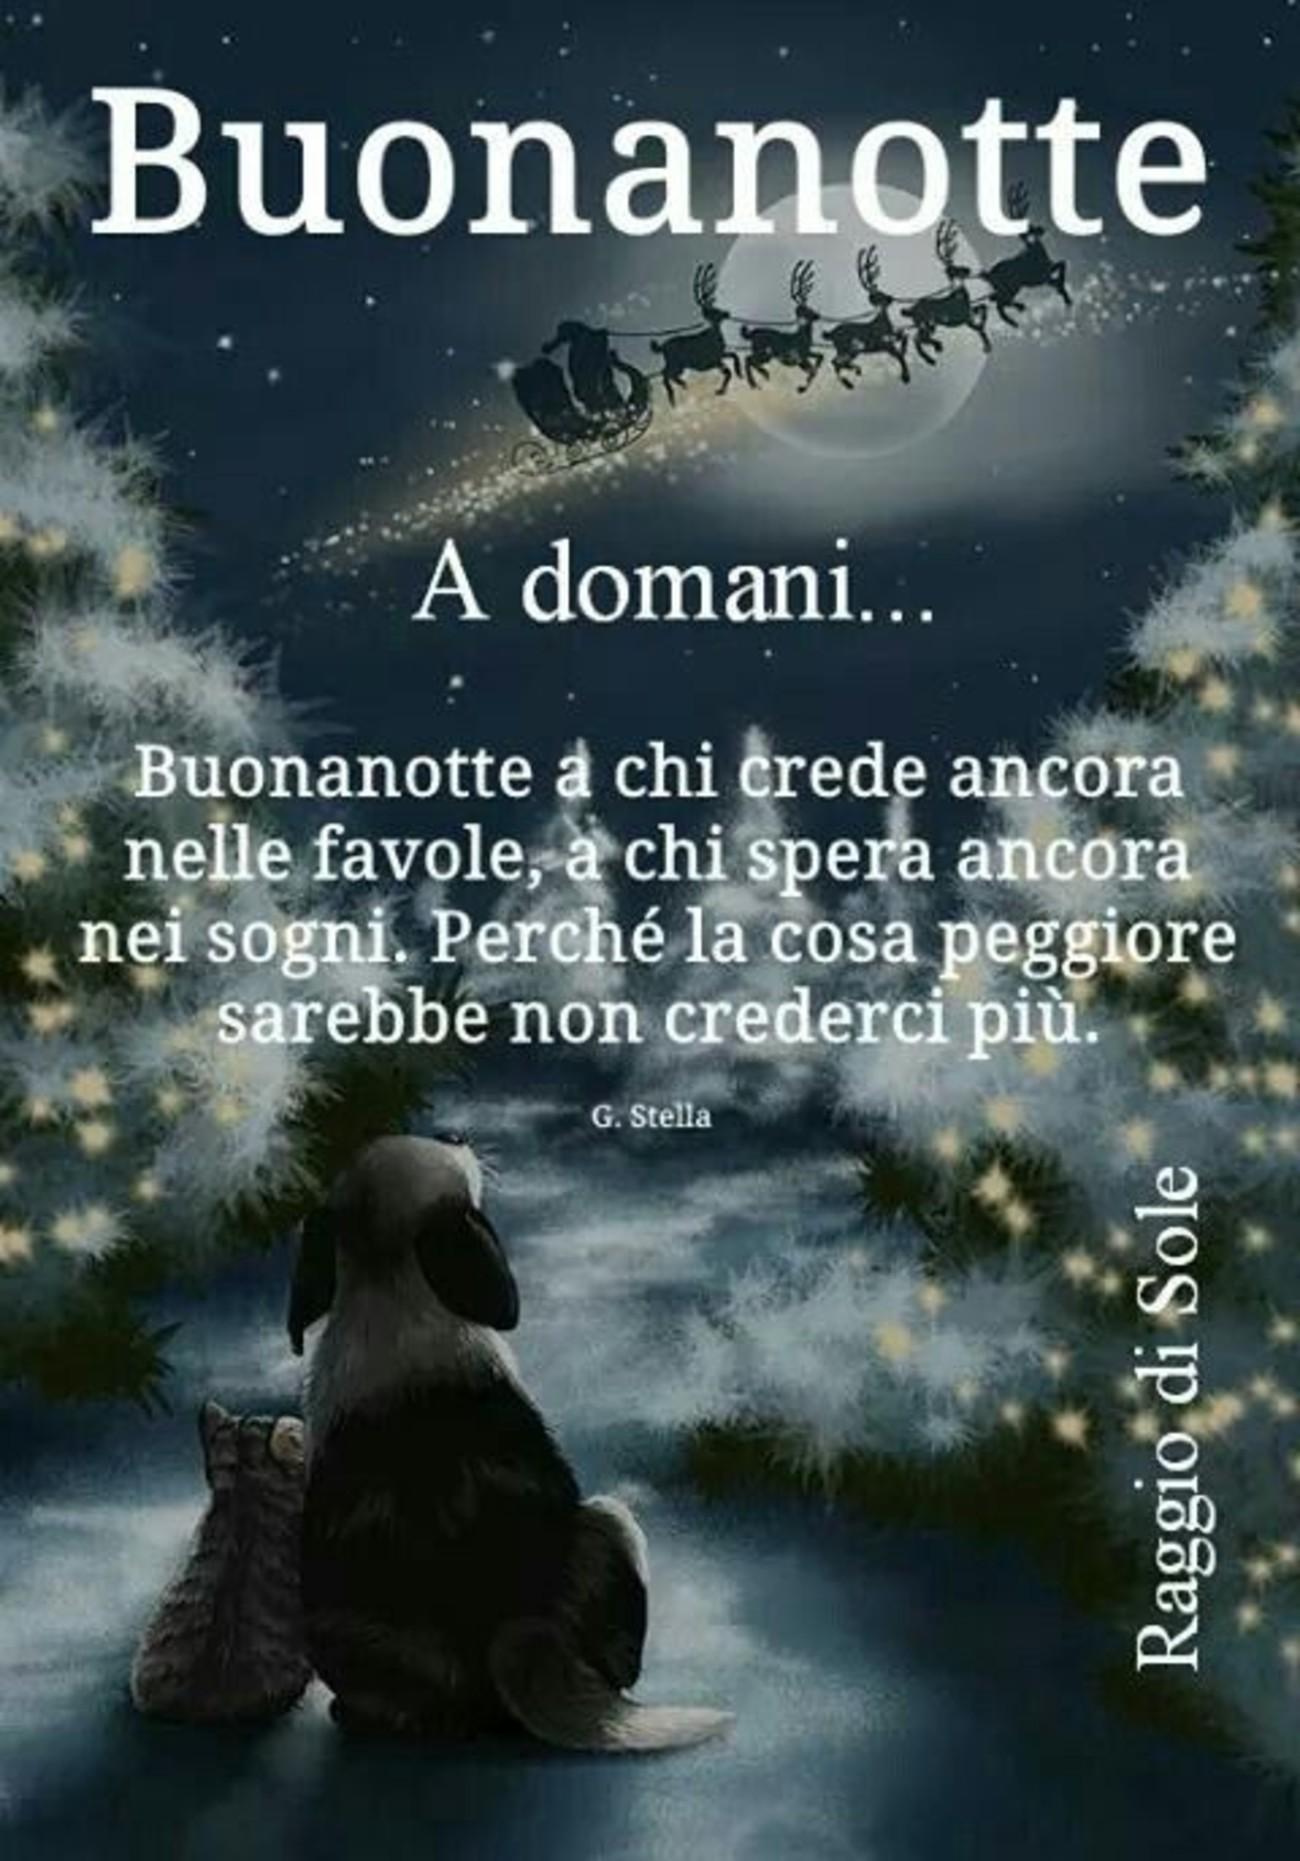 Immagini Buonanotte A Domani Belle 1 Buongiornoate It